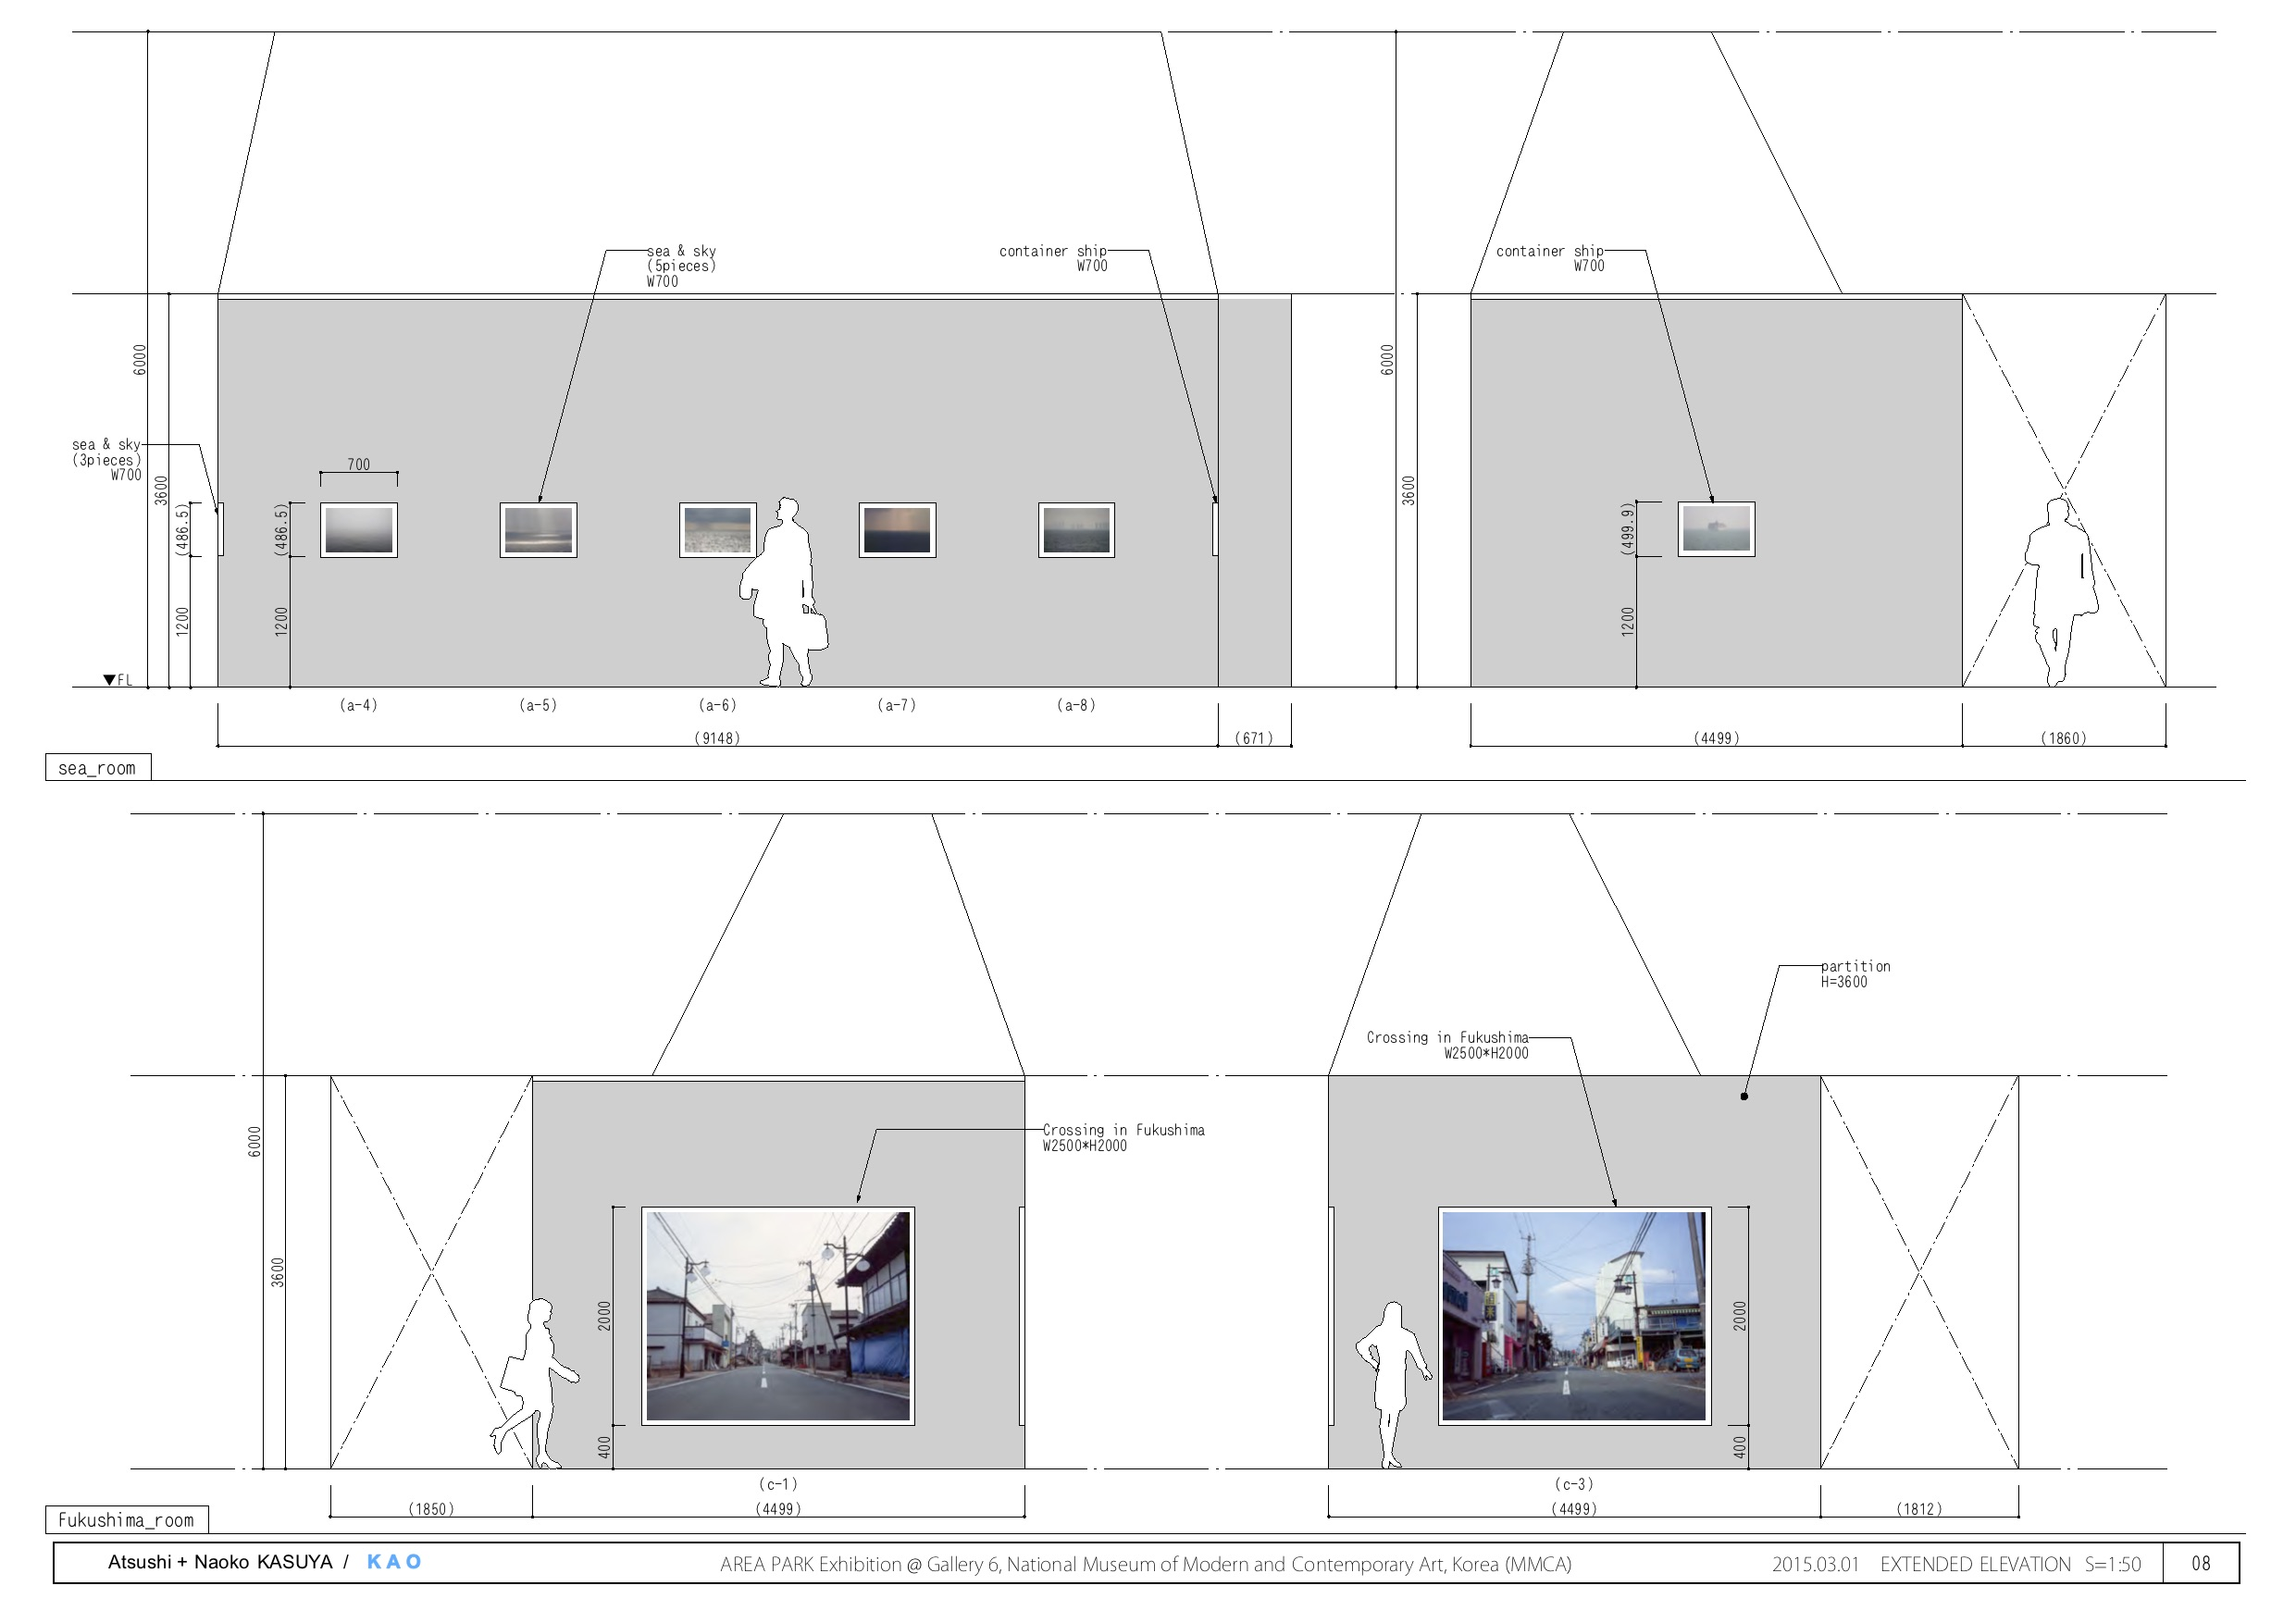 150301韓国_国立現代美術館展示構成_プレゼン資料(データサイズ縮小版)(ドラッグされました) 2.jpg